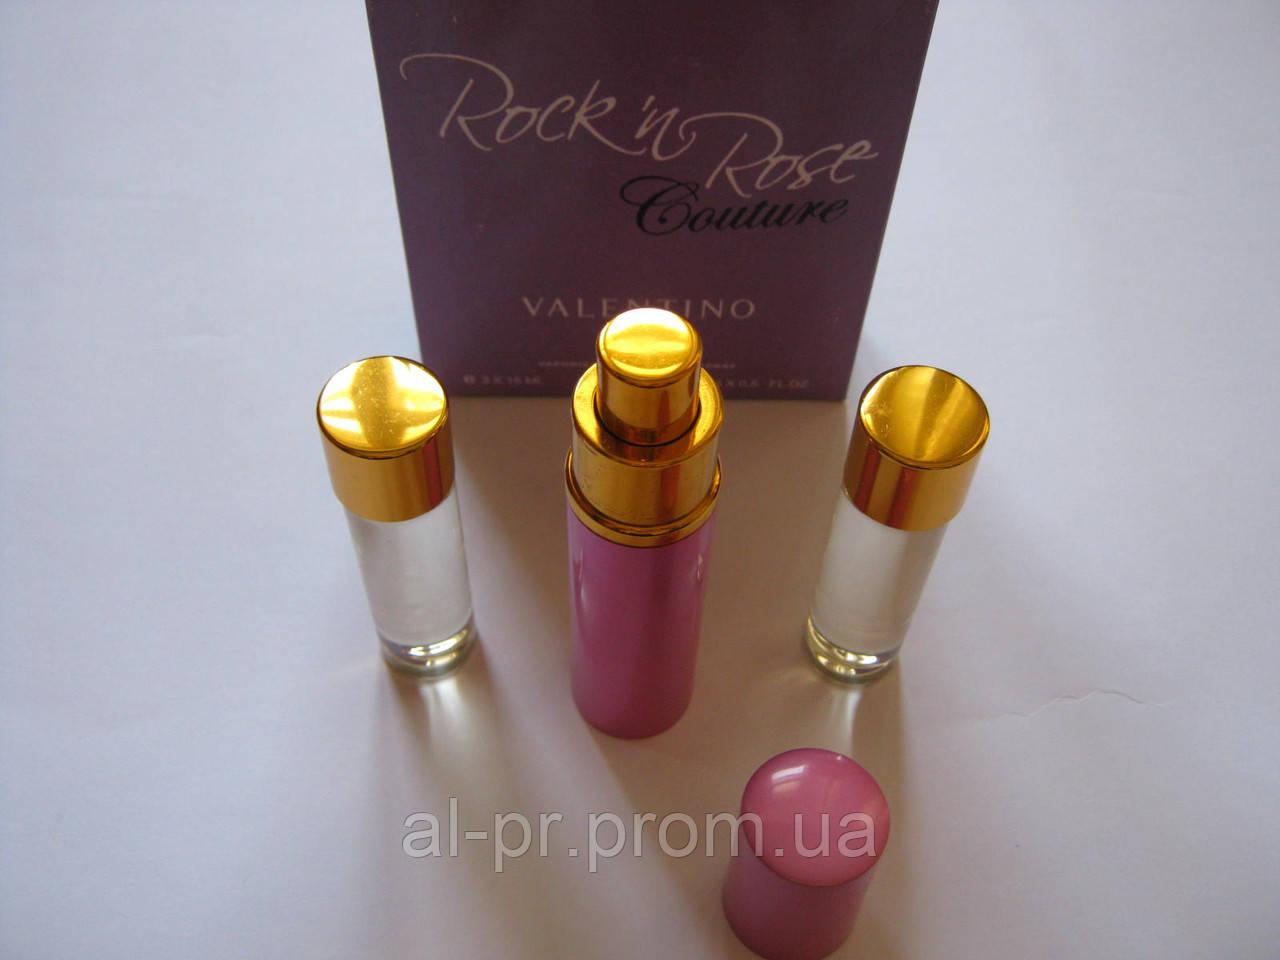 Набор парфюмерии Valentino Rock'n Rose Couture